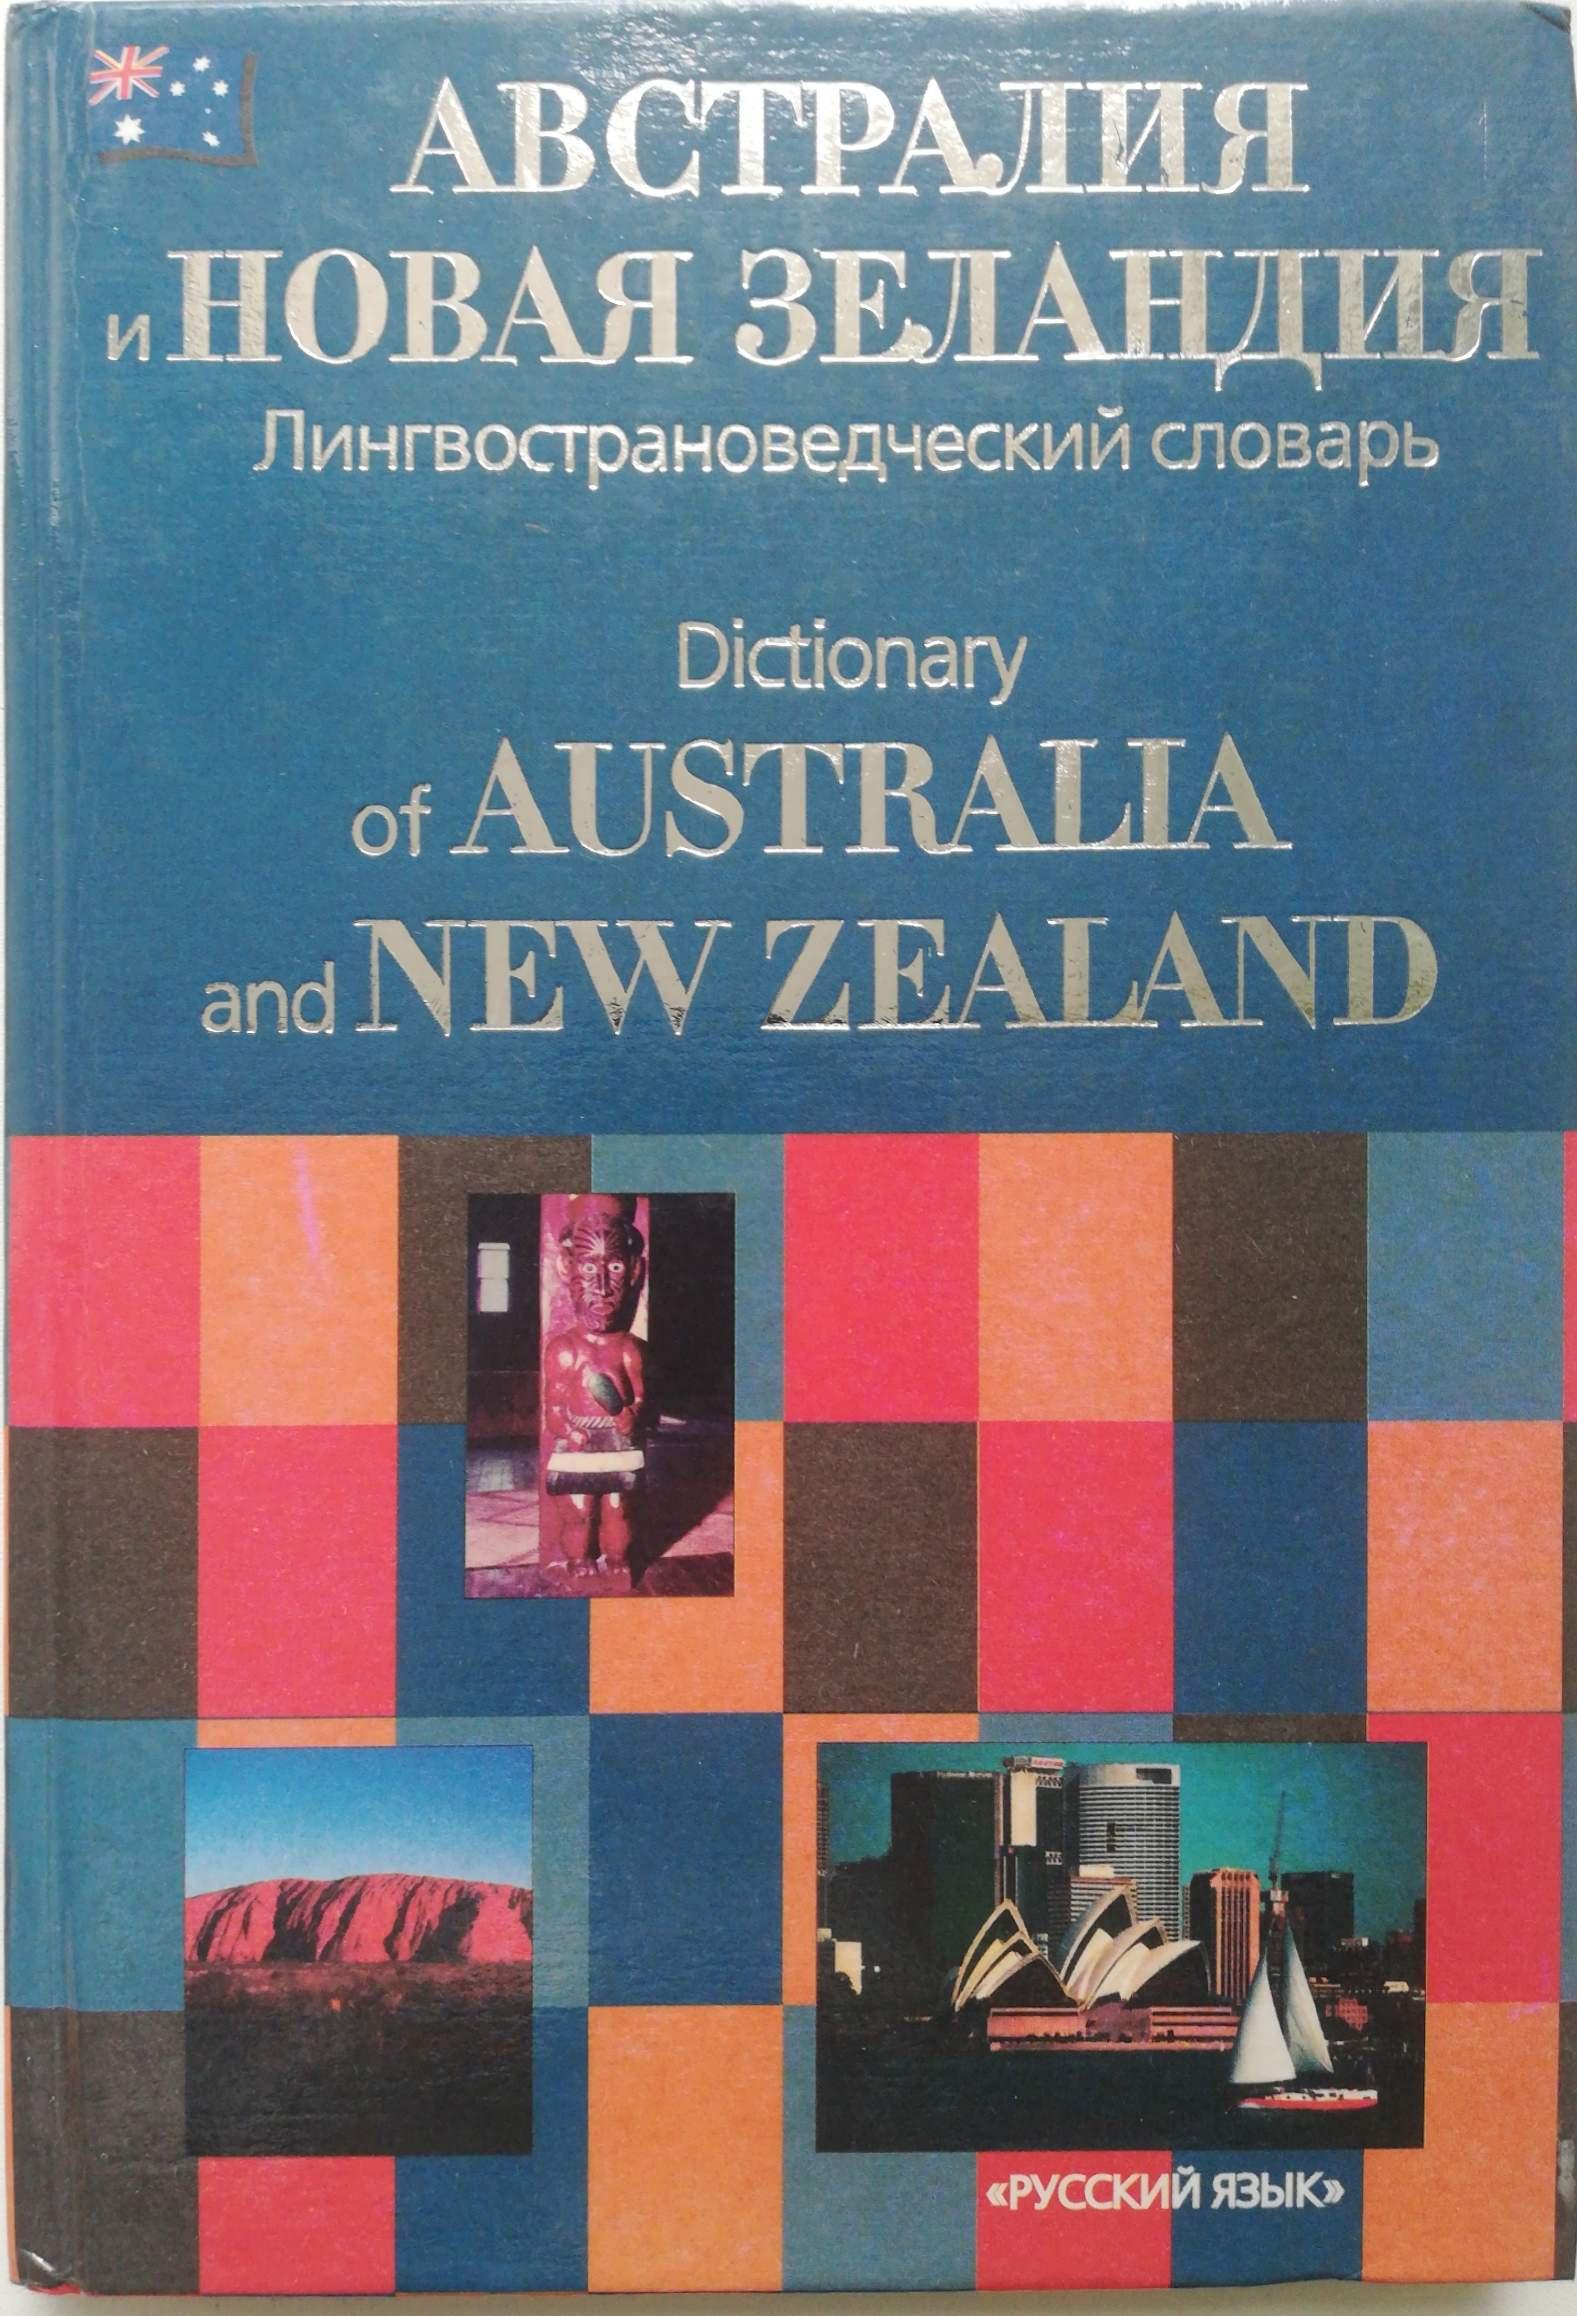 В.В.Ощепкова Австралия и Новая Зеландия. Лингвострановедческий словарь / Dictionary of Australia and New Zealand